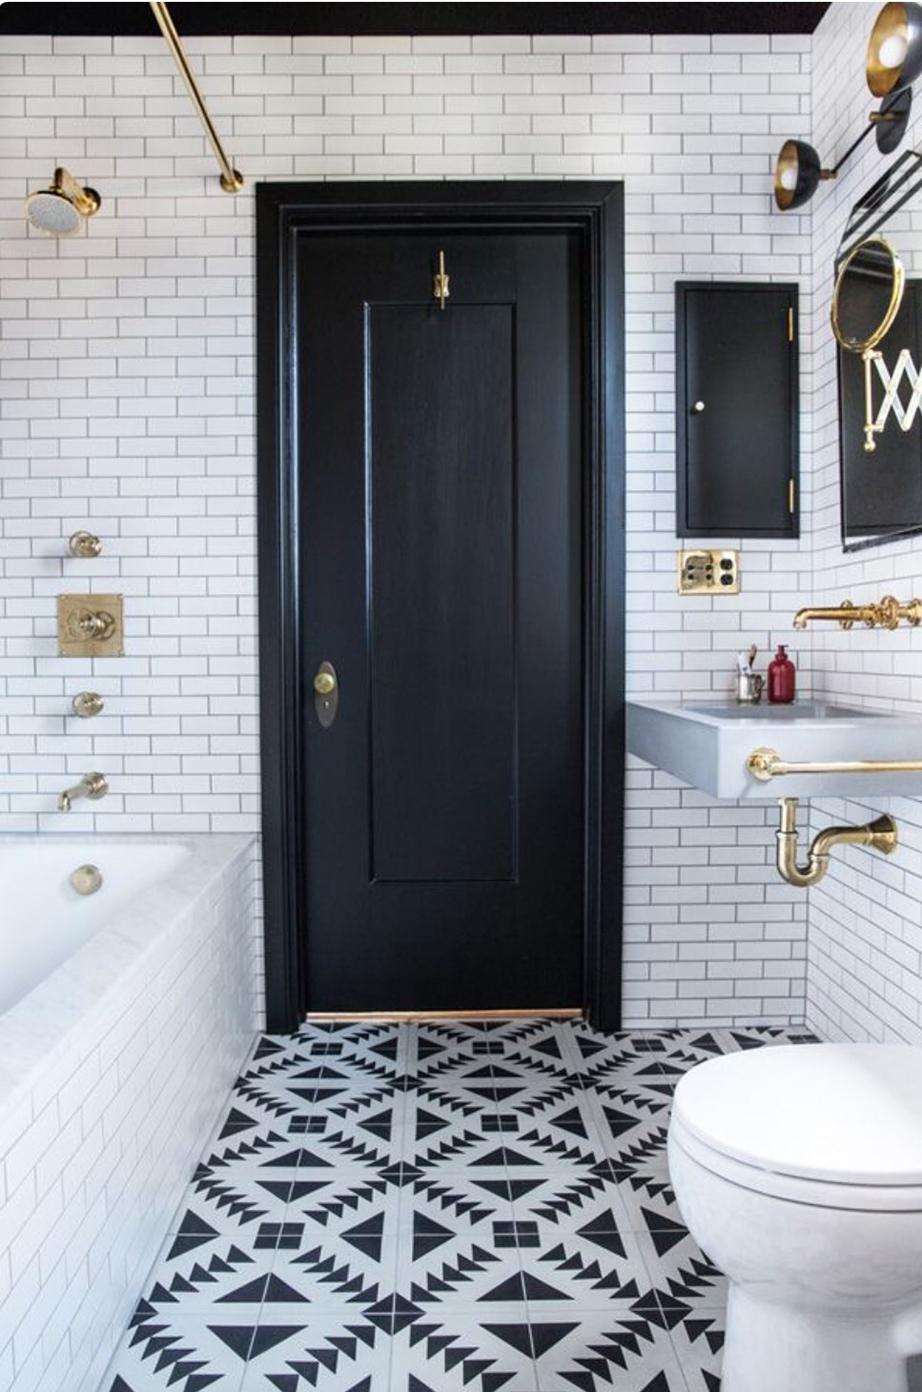 Αποφεύγετε το μπάνιο να βρίσκεται απέναντι από την κεντρική είσοδο του σπιτιού.